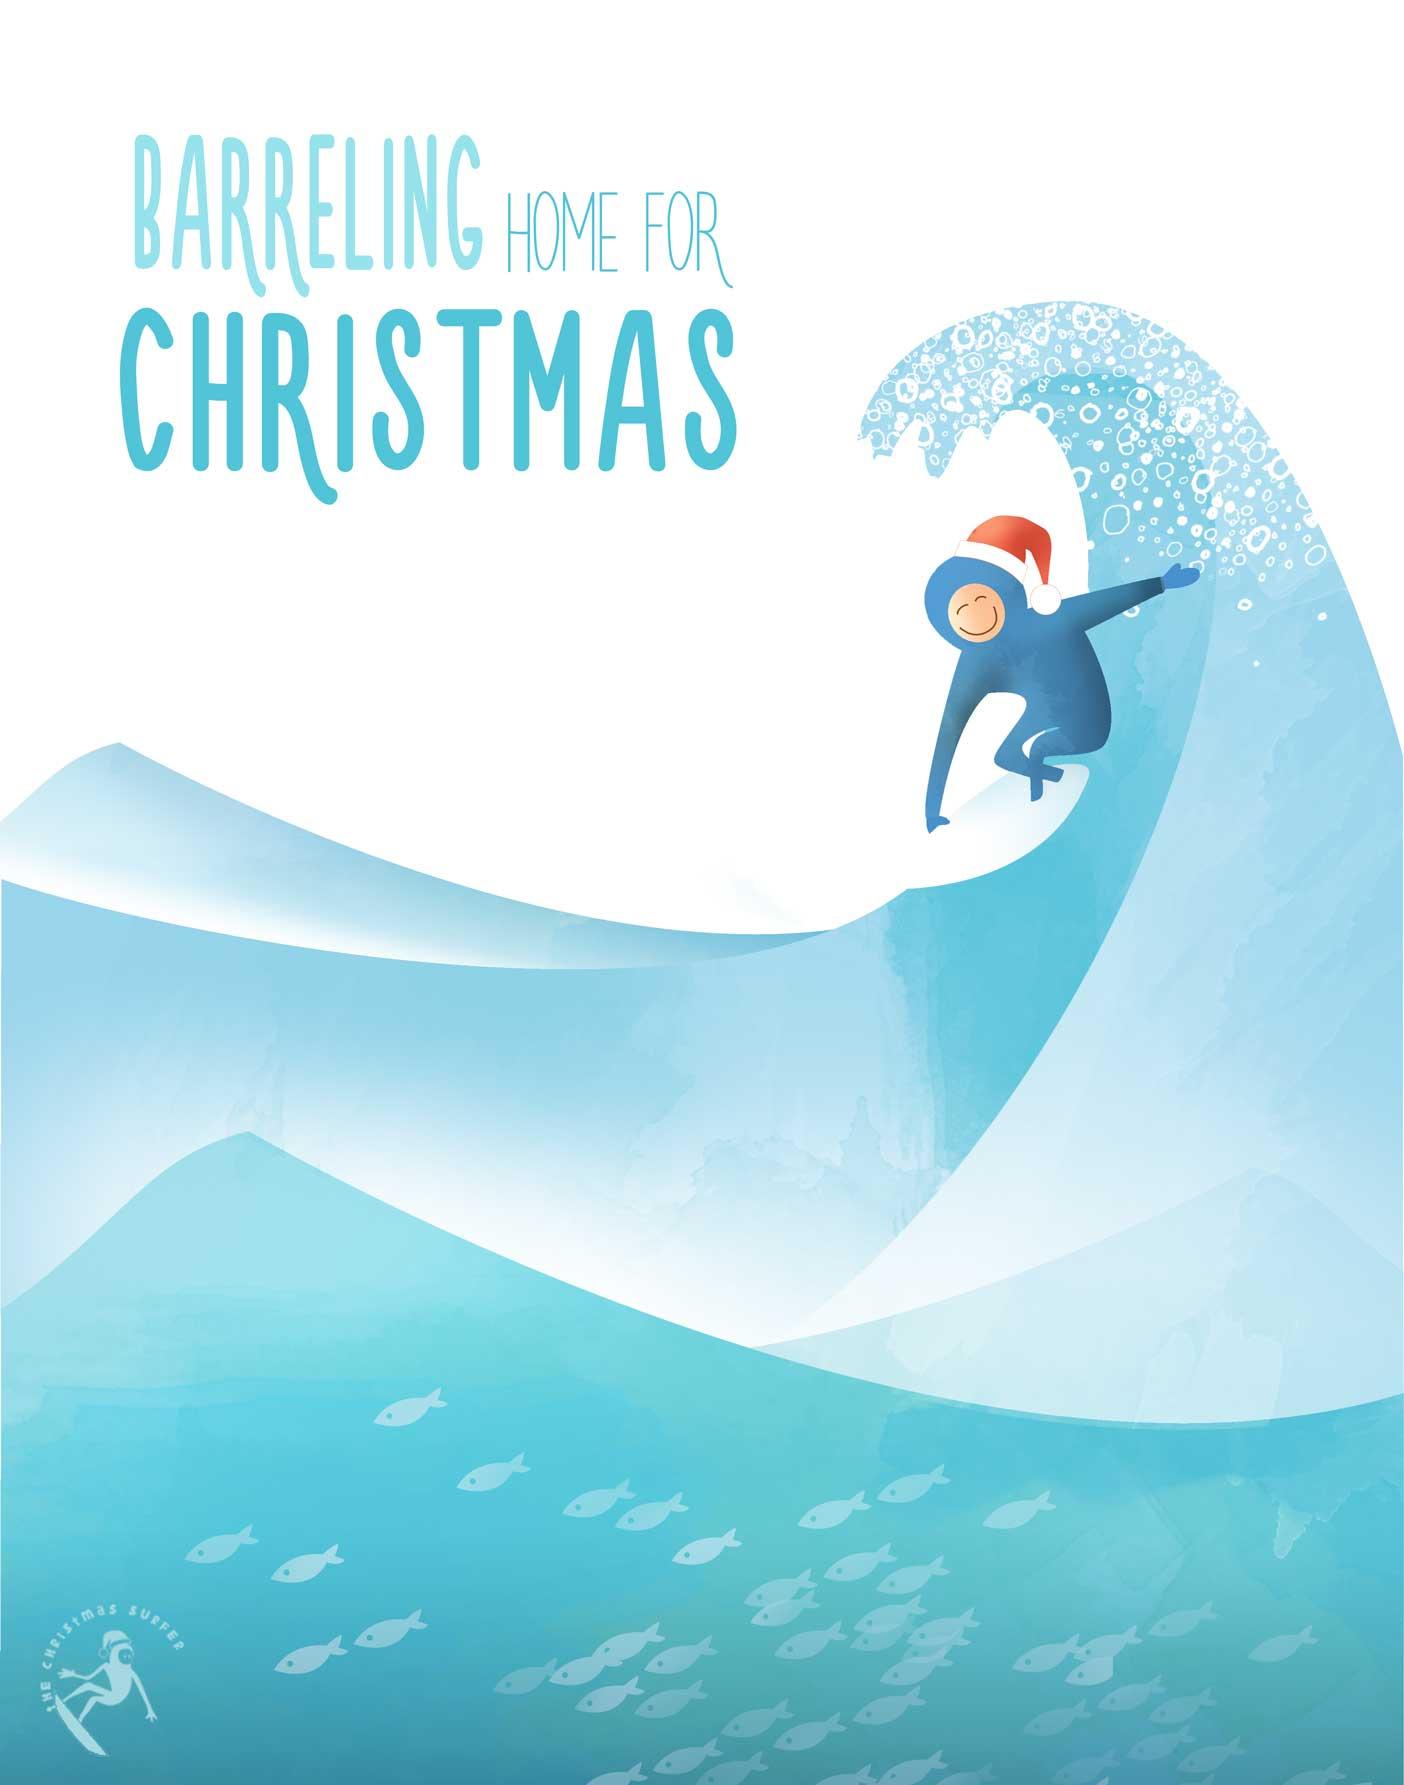 lo-res-christmas-barrel.jpg